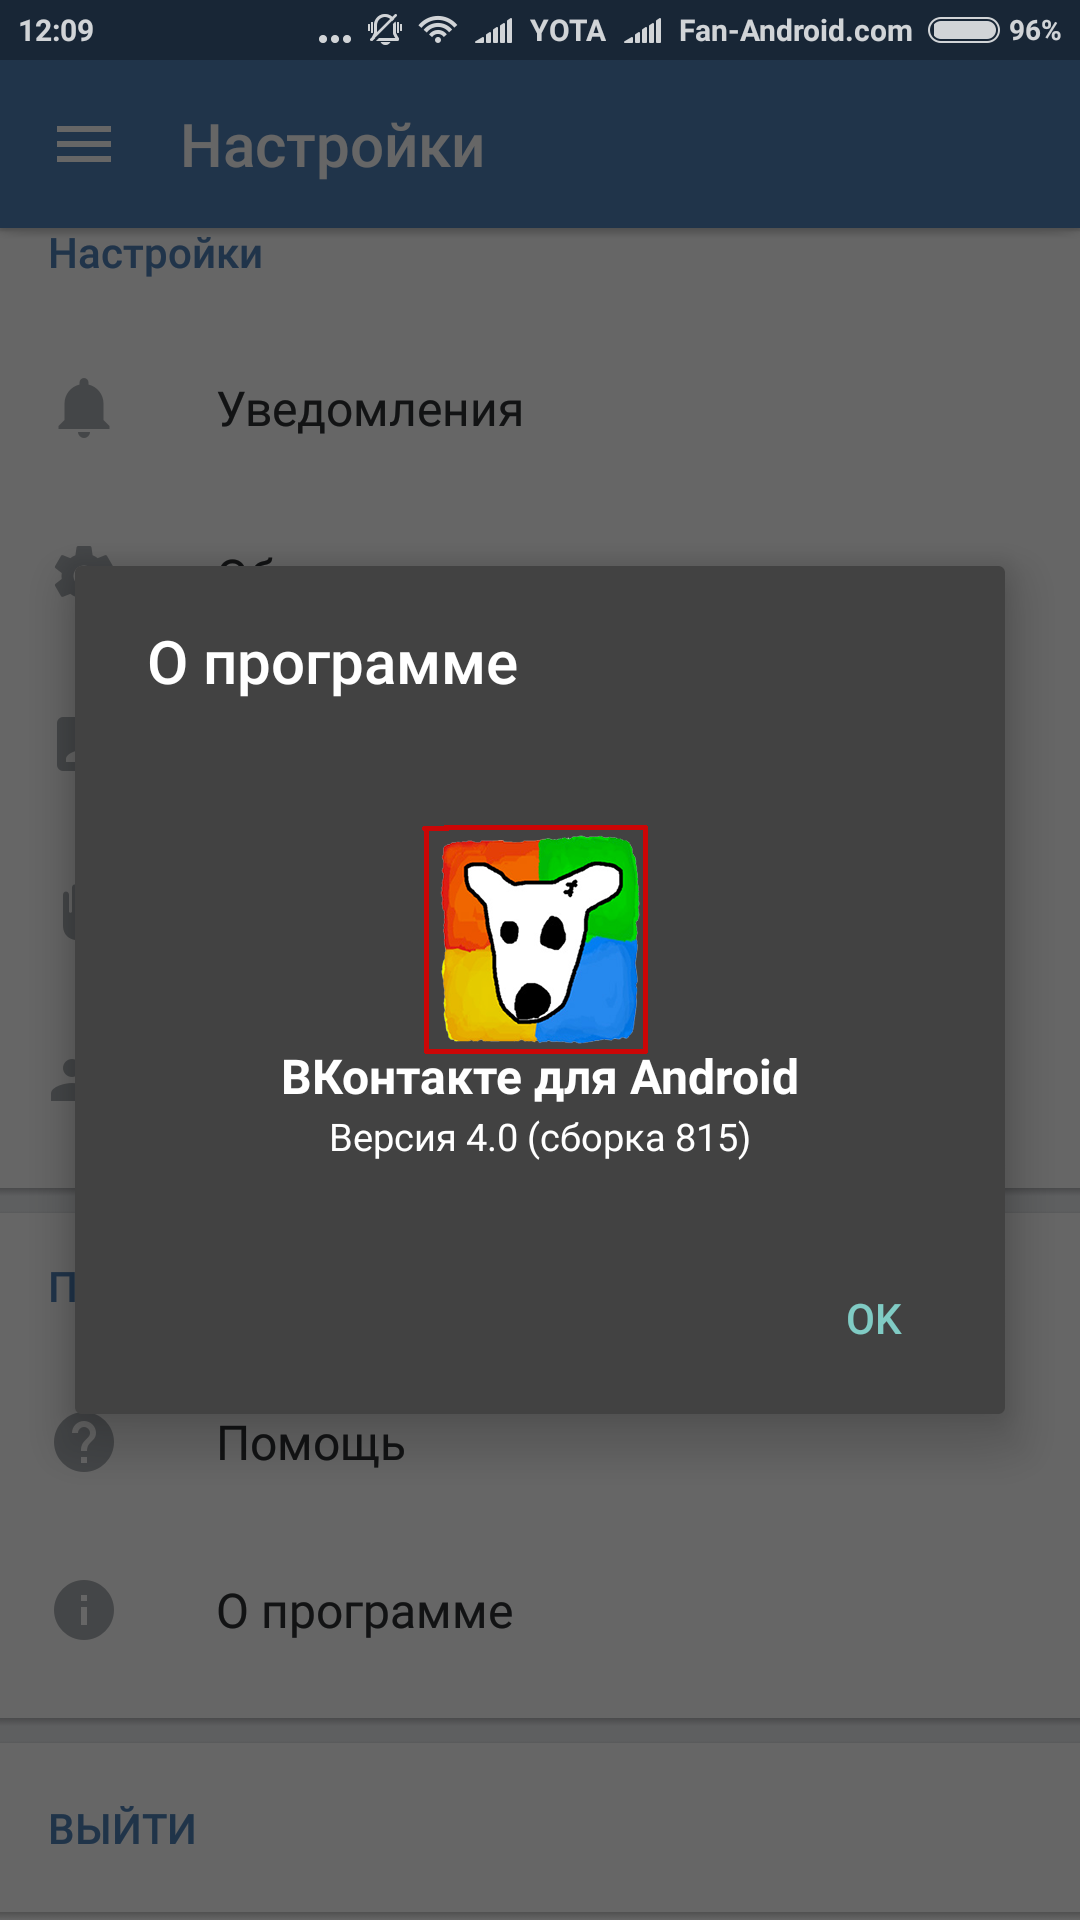 вконтакте не отображаются картинки андроид